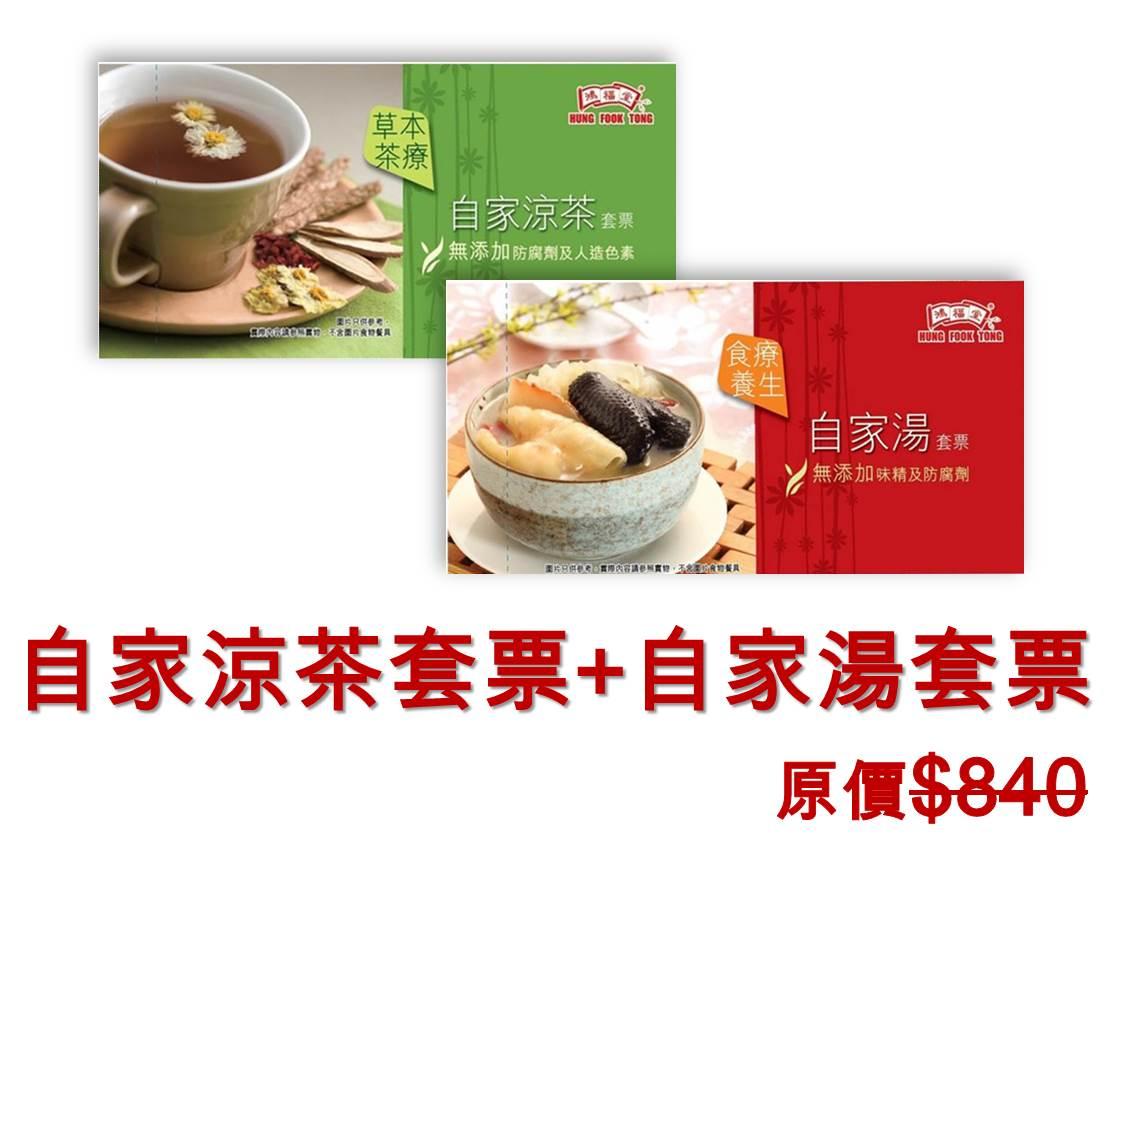 鴻福堂自家涼茶套票(10張) + 自家湯套票(10張) *與其他貨品分開發貨及通知取貨